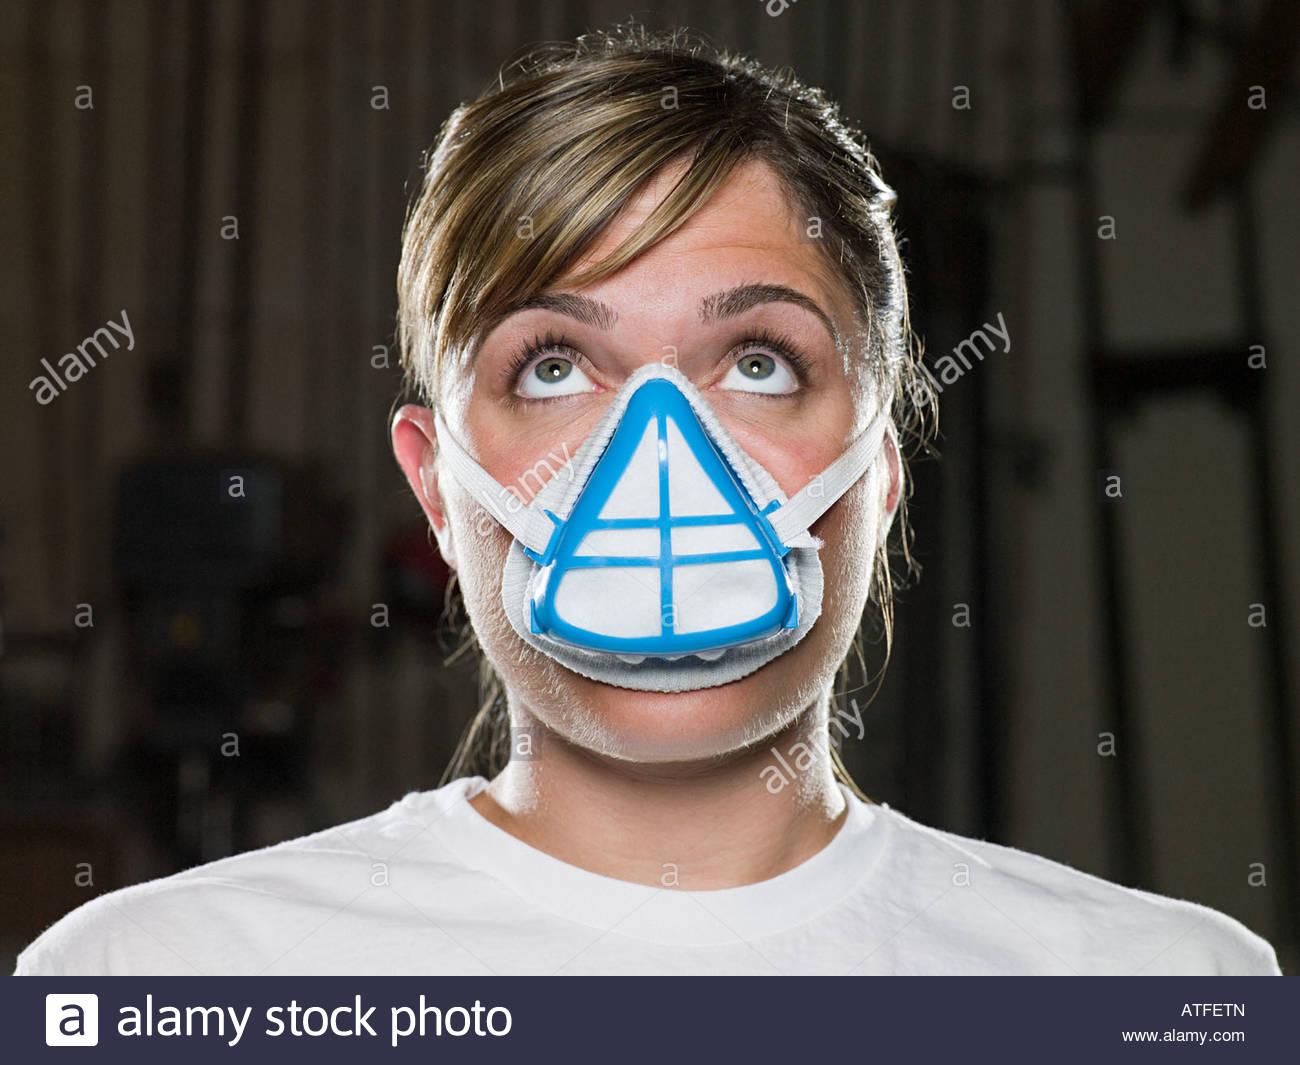 Woman wearing a dust mask Stock Photo: 16302788 - Alamy